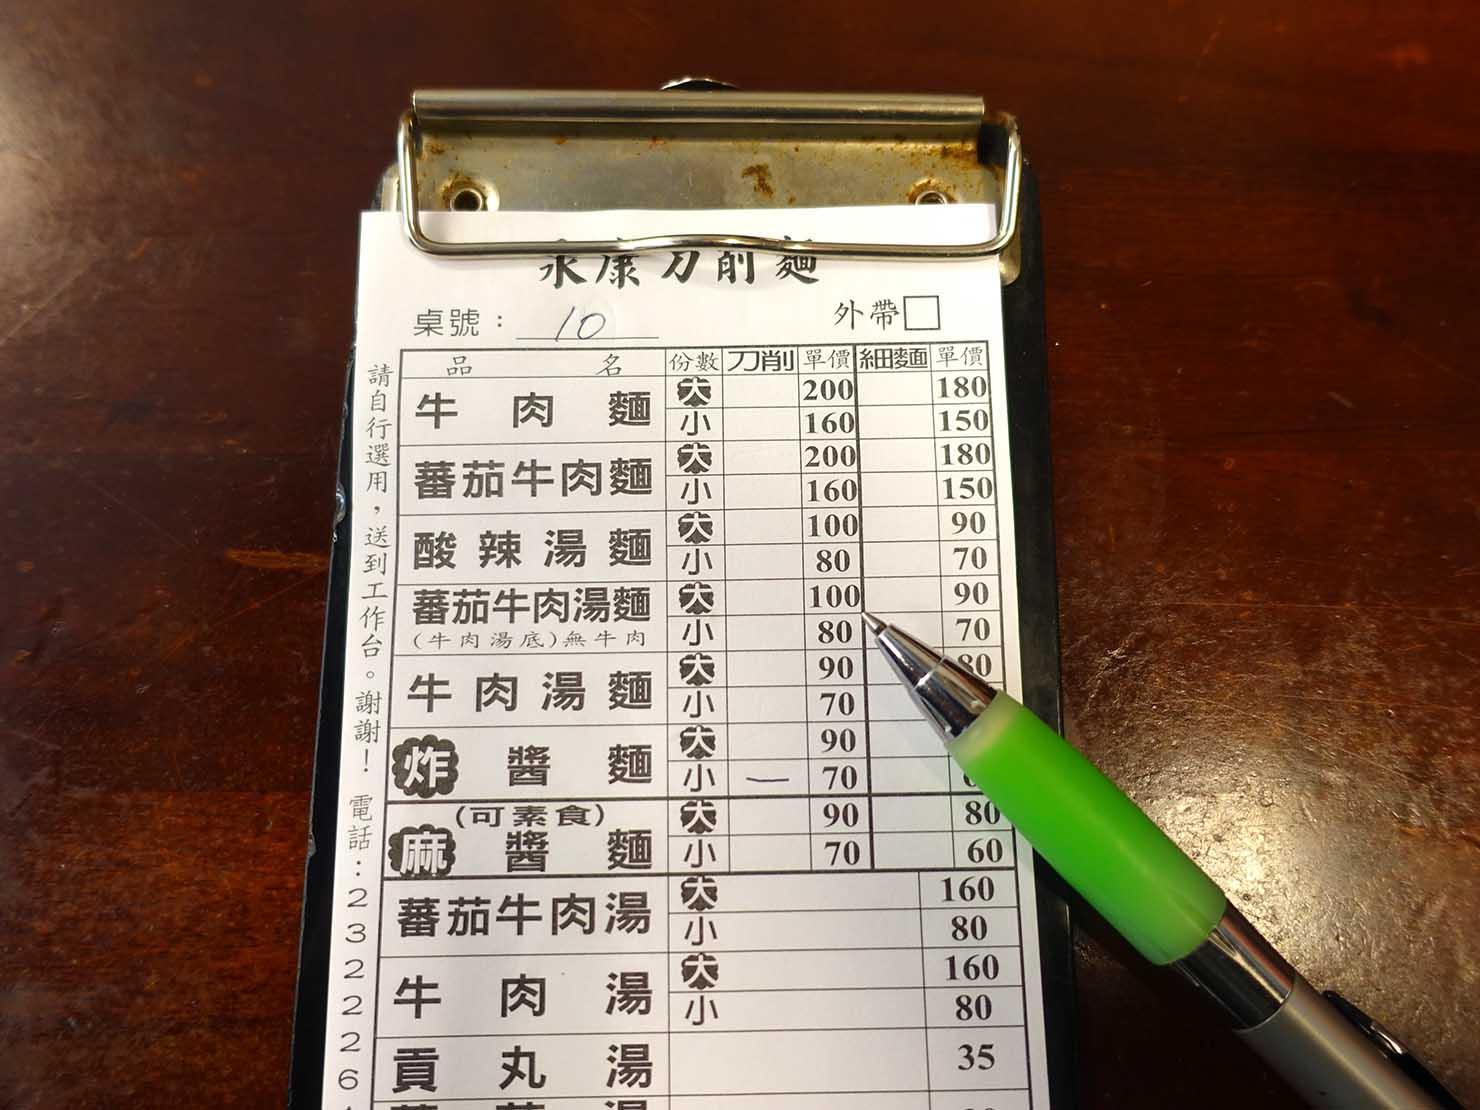 台北・永康街のおすすめグルメ店「永康刀削麵」のメニュー